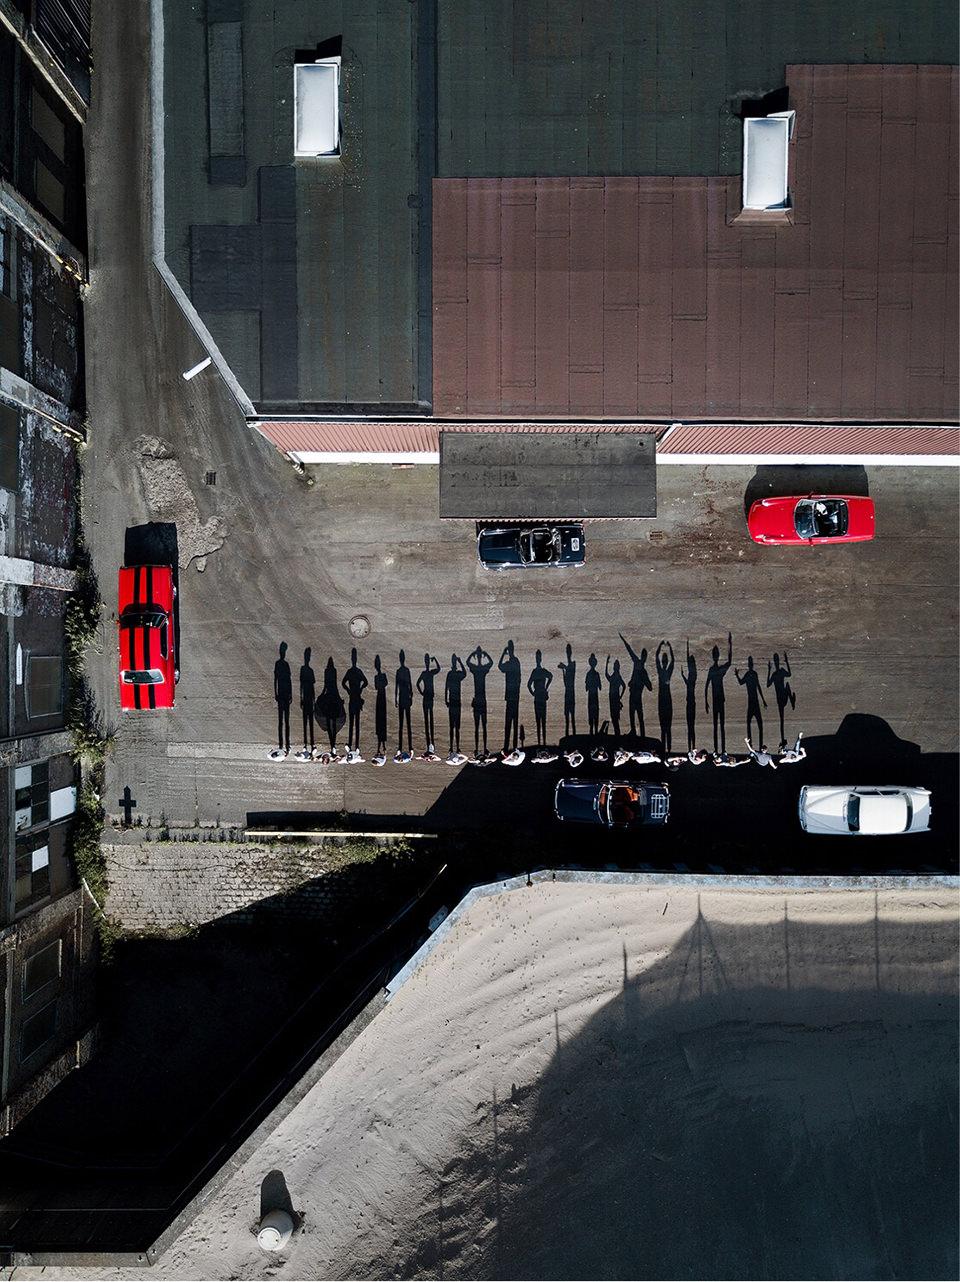 Foto von oben auf dem Menschen Schatten werfen